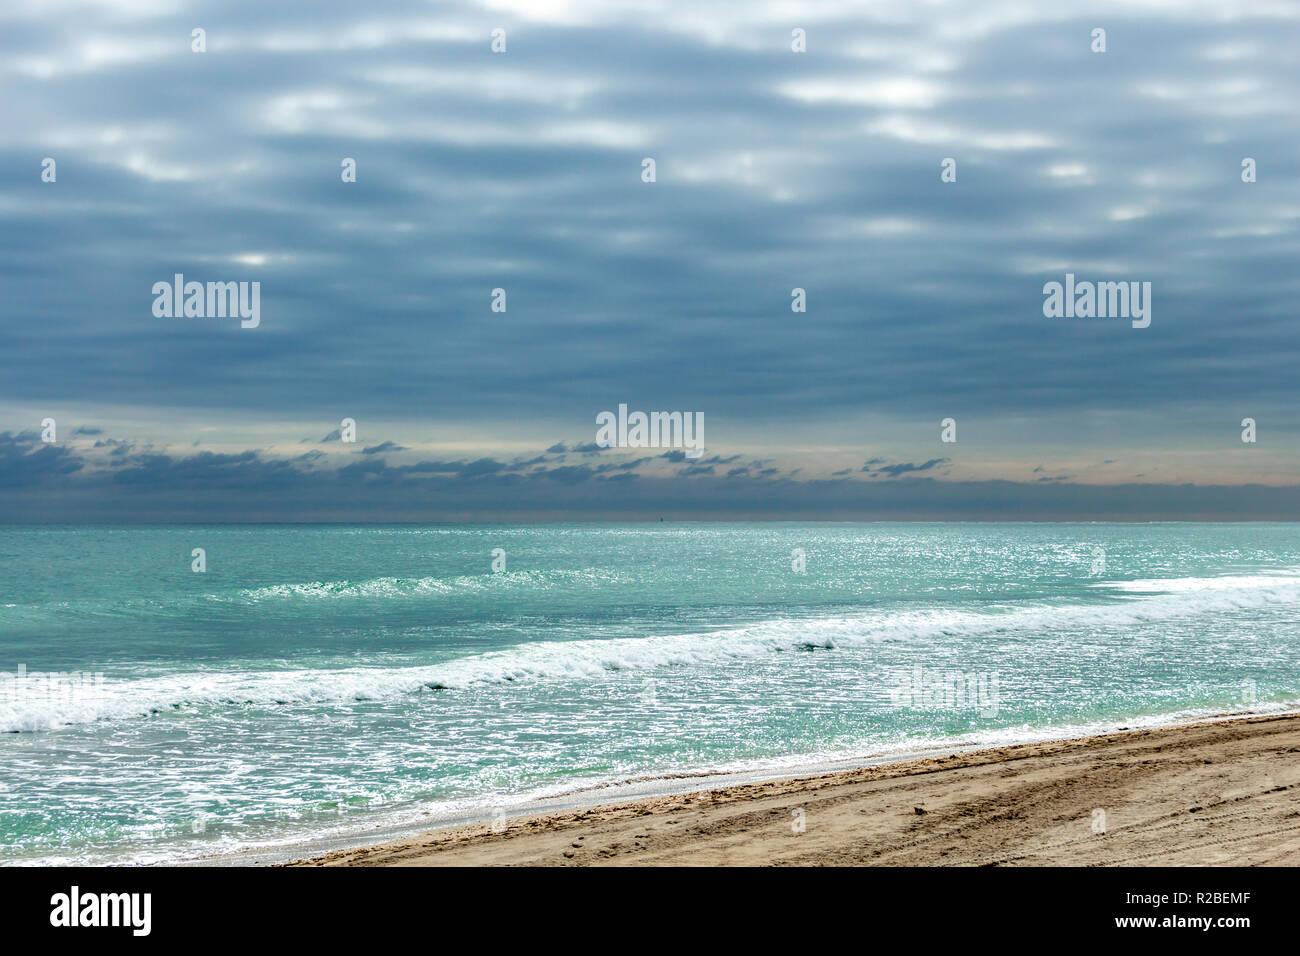 408710a02ba Hollywood Beach Florida Stock Photos   Hollywood Beach Florida Stock ...